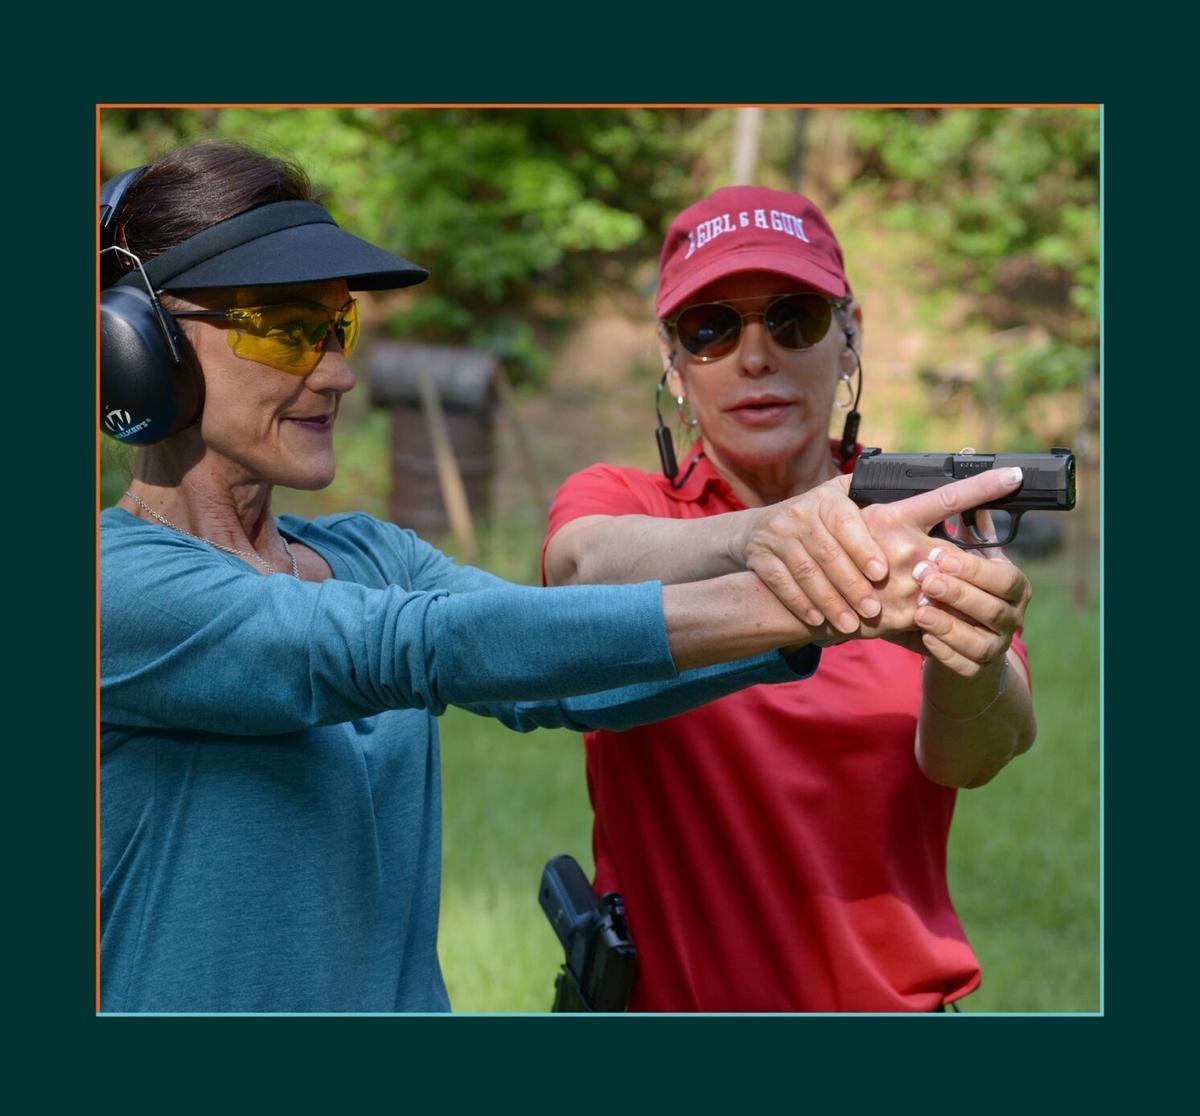 Girl & A Gun